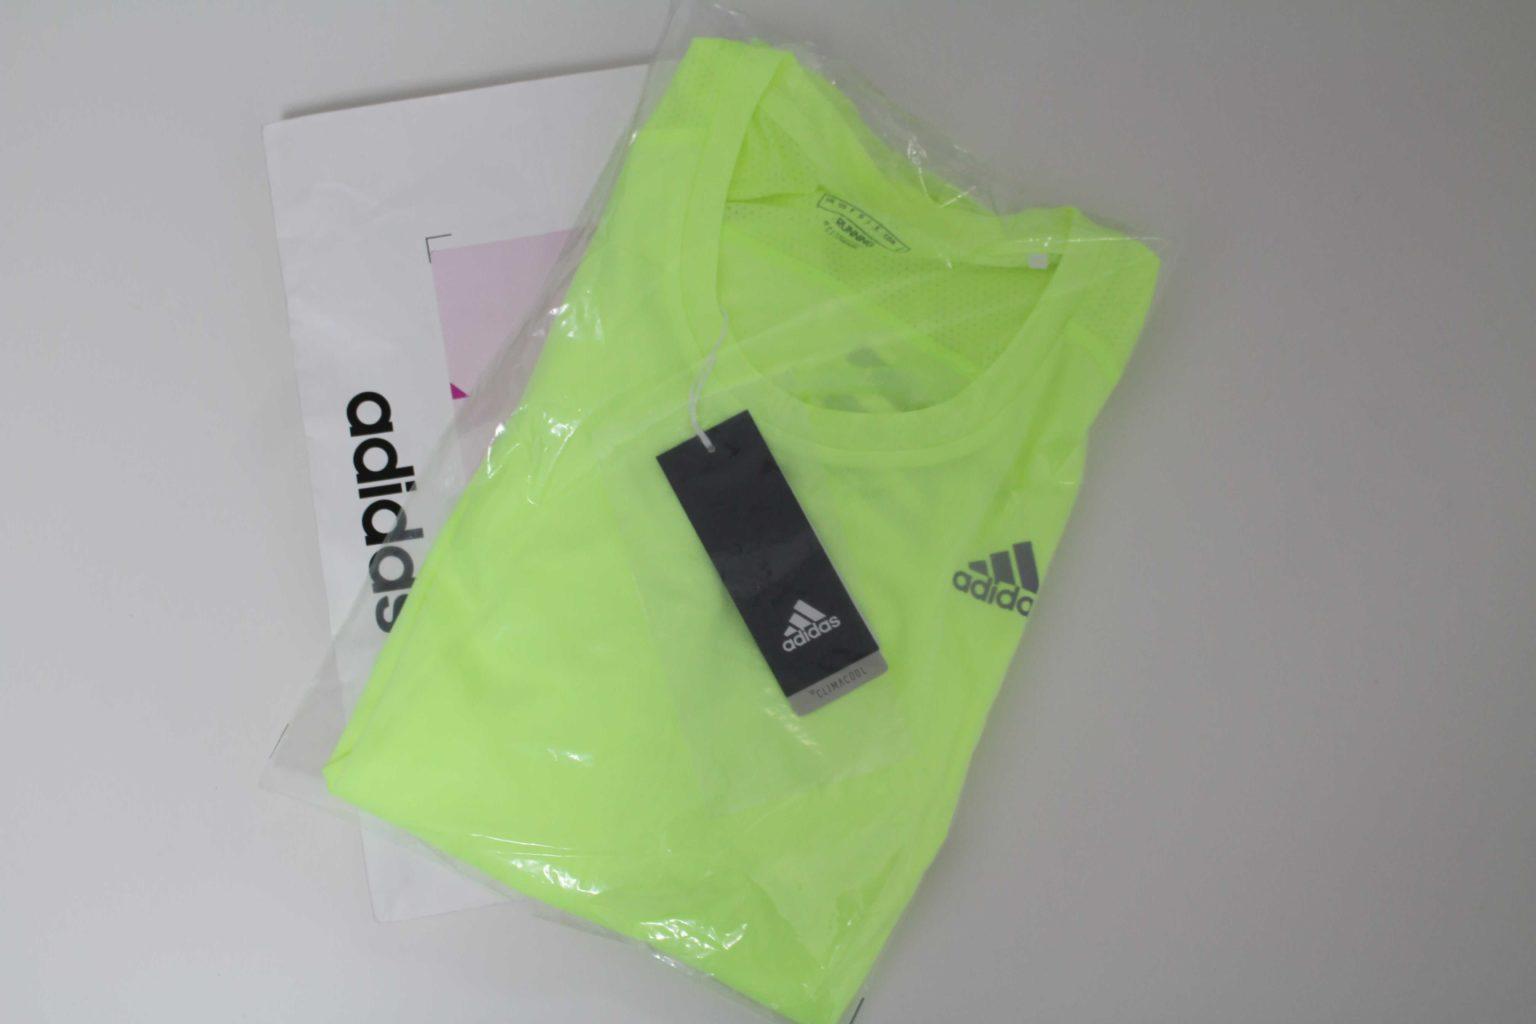 アディダス adidas climacool クライマクール ランニングシャツ Tシャツ